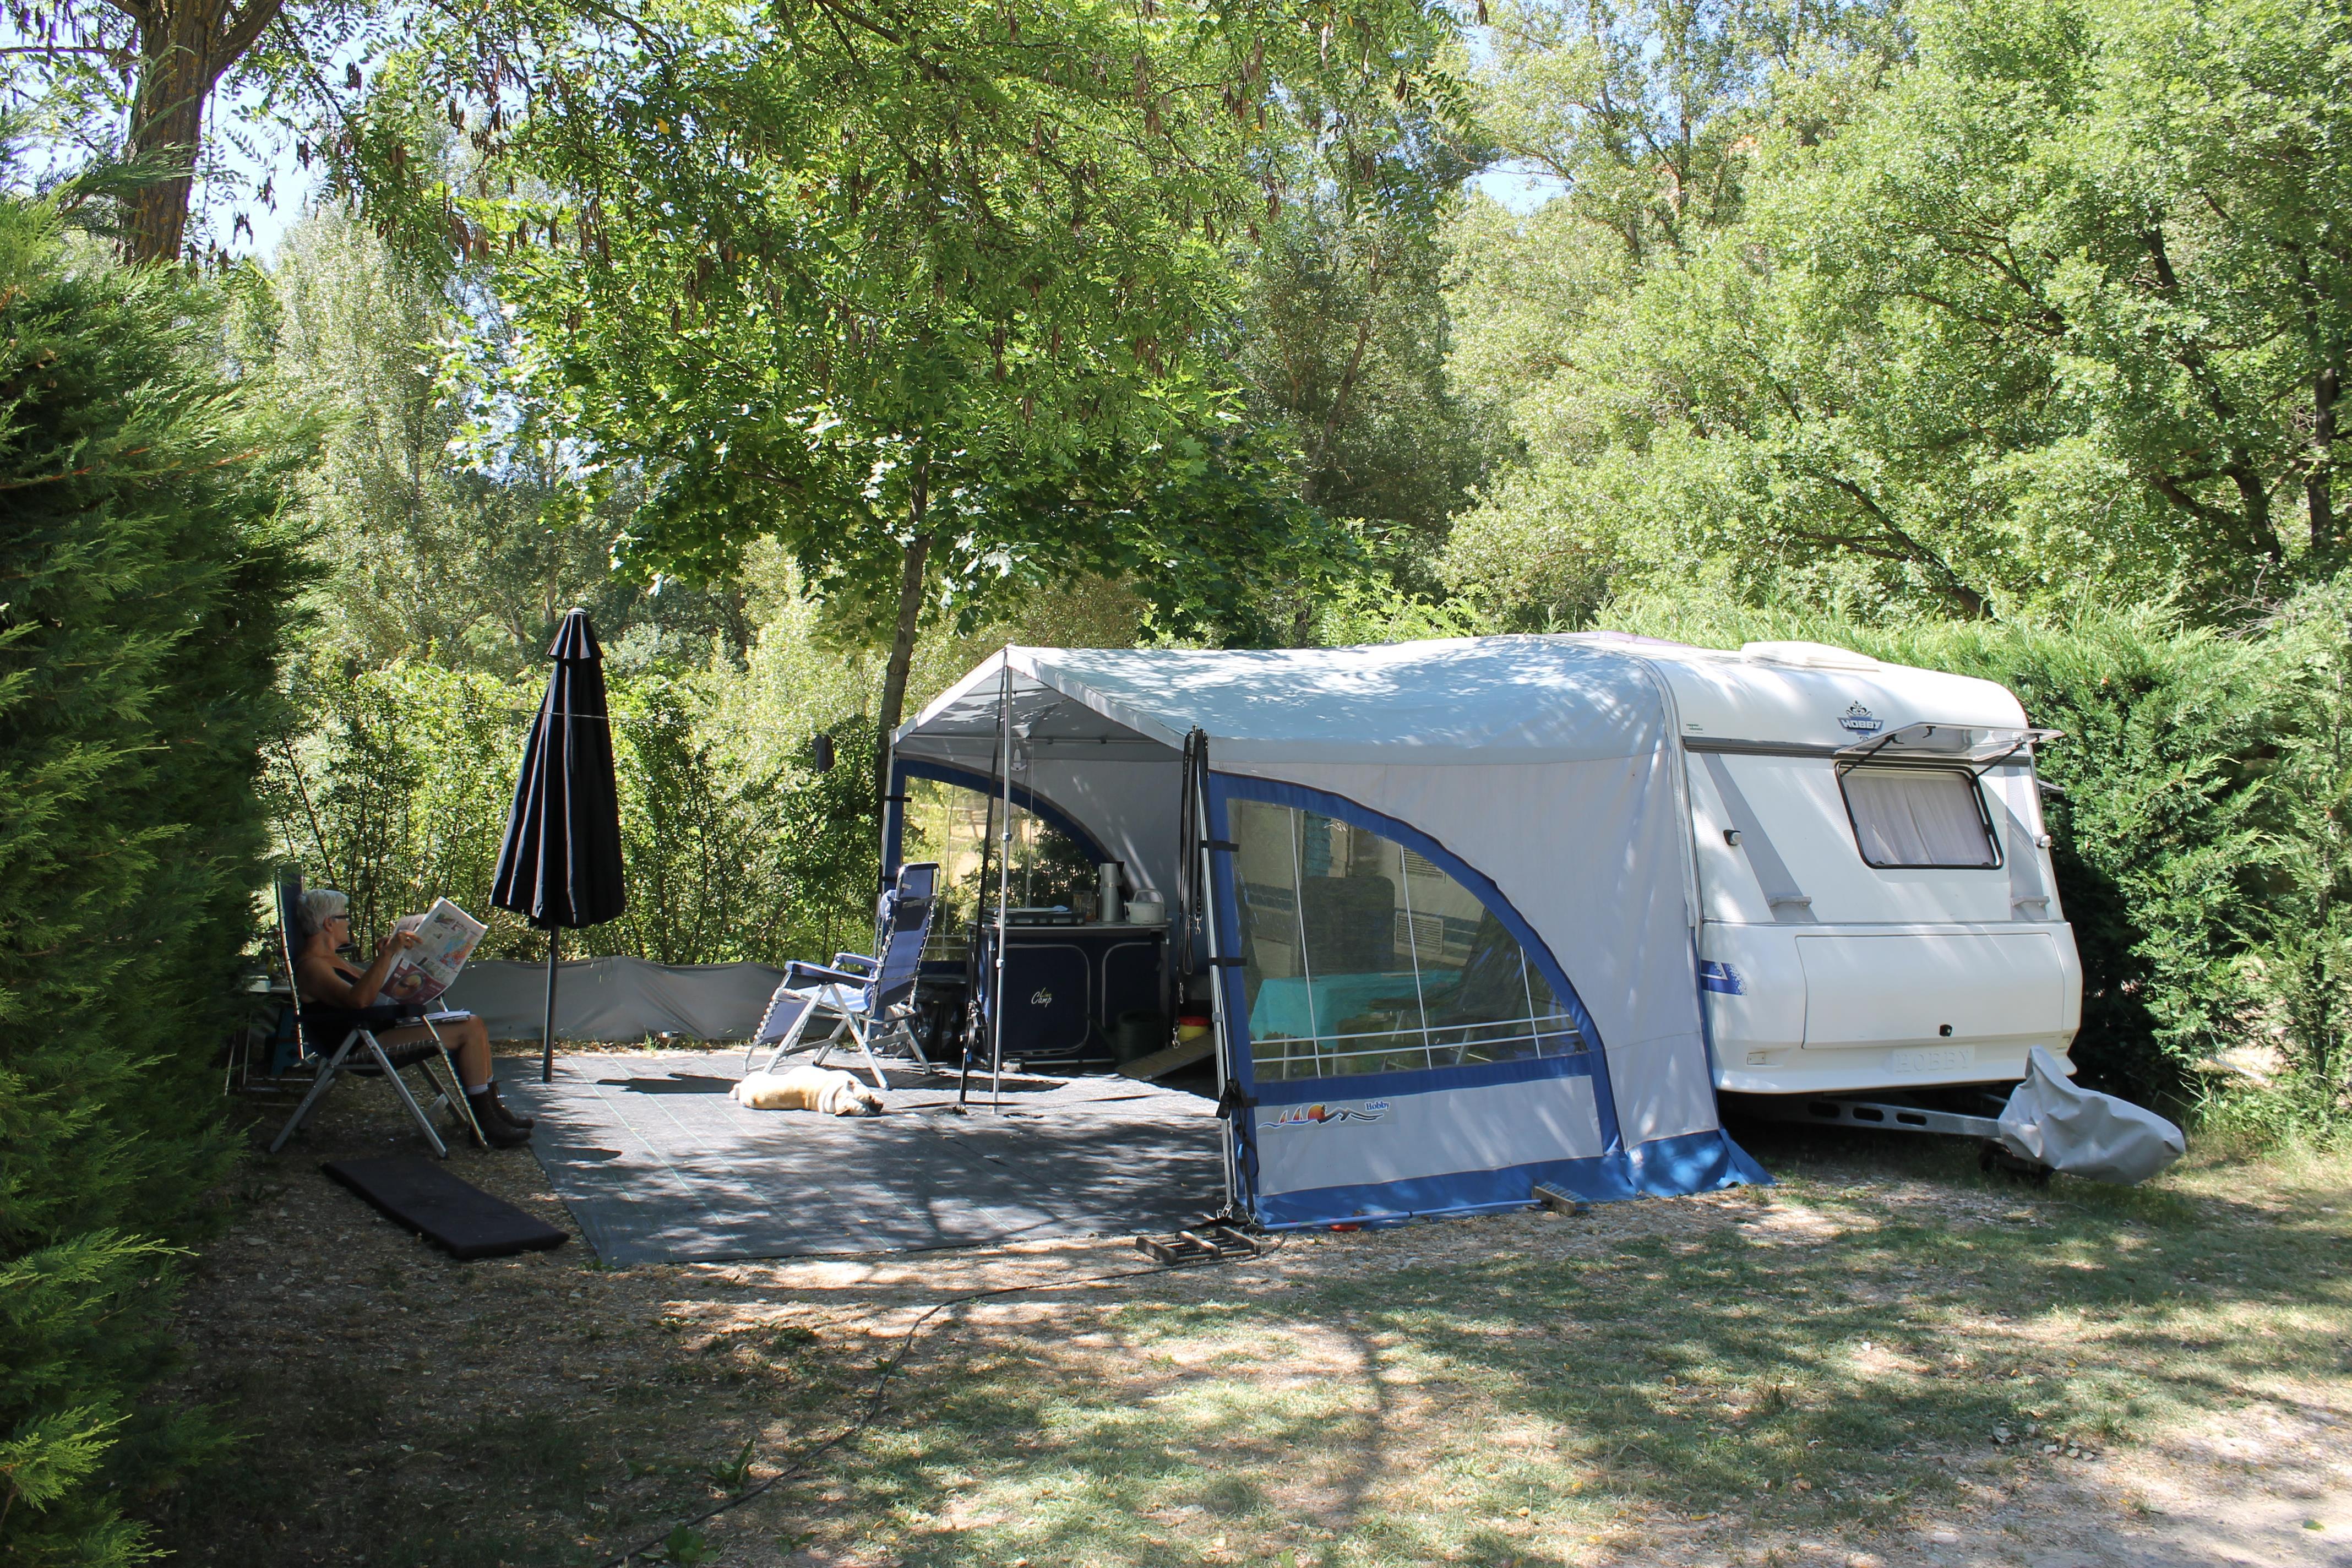 Emplacement - Forfait Privilège (1 Tente, Caravane Ou Camping-Car / 1 Voiture / Électricité 10A/Au Bord De L'étang Ou De La Rivière) - Flower Camping La Riviere